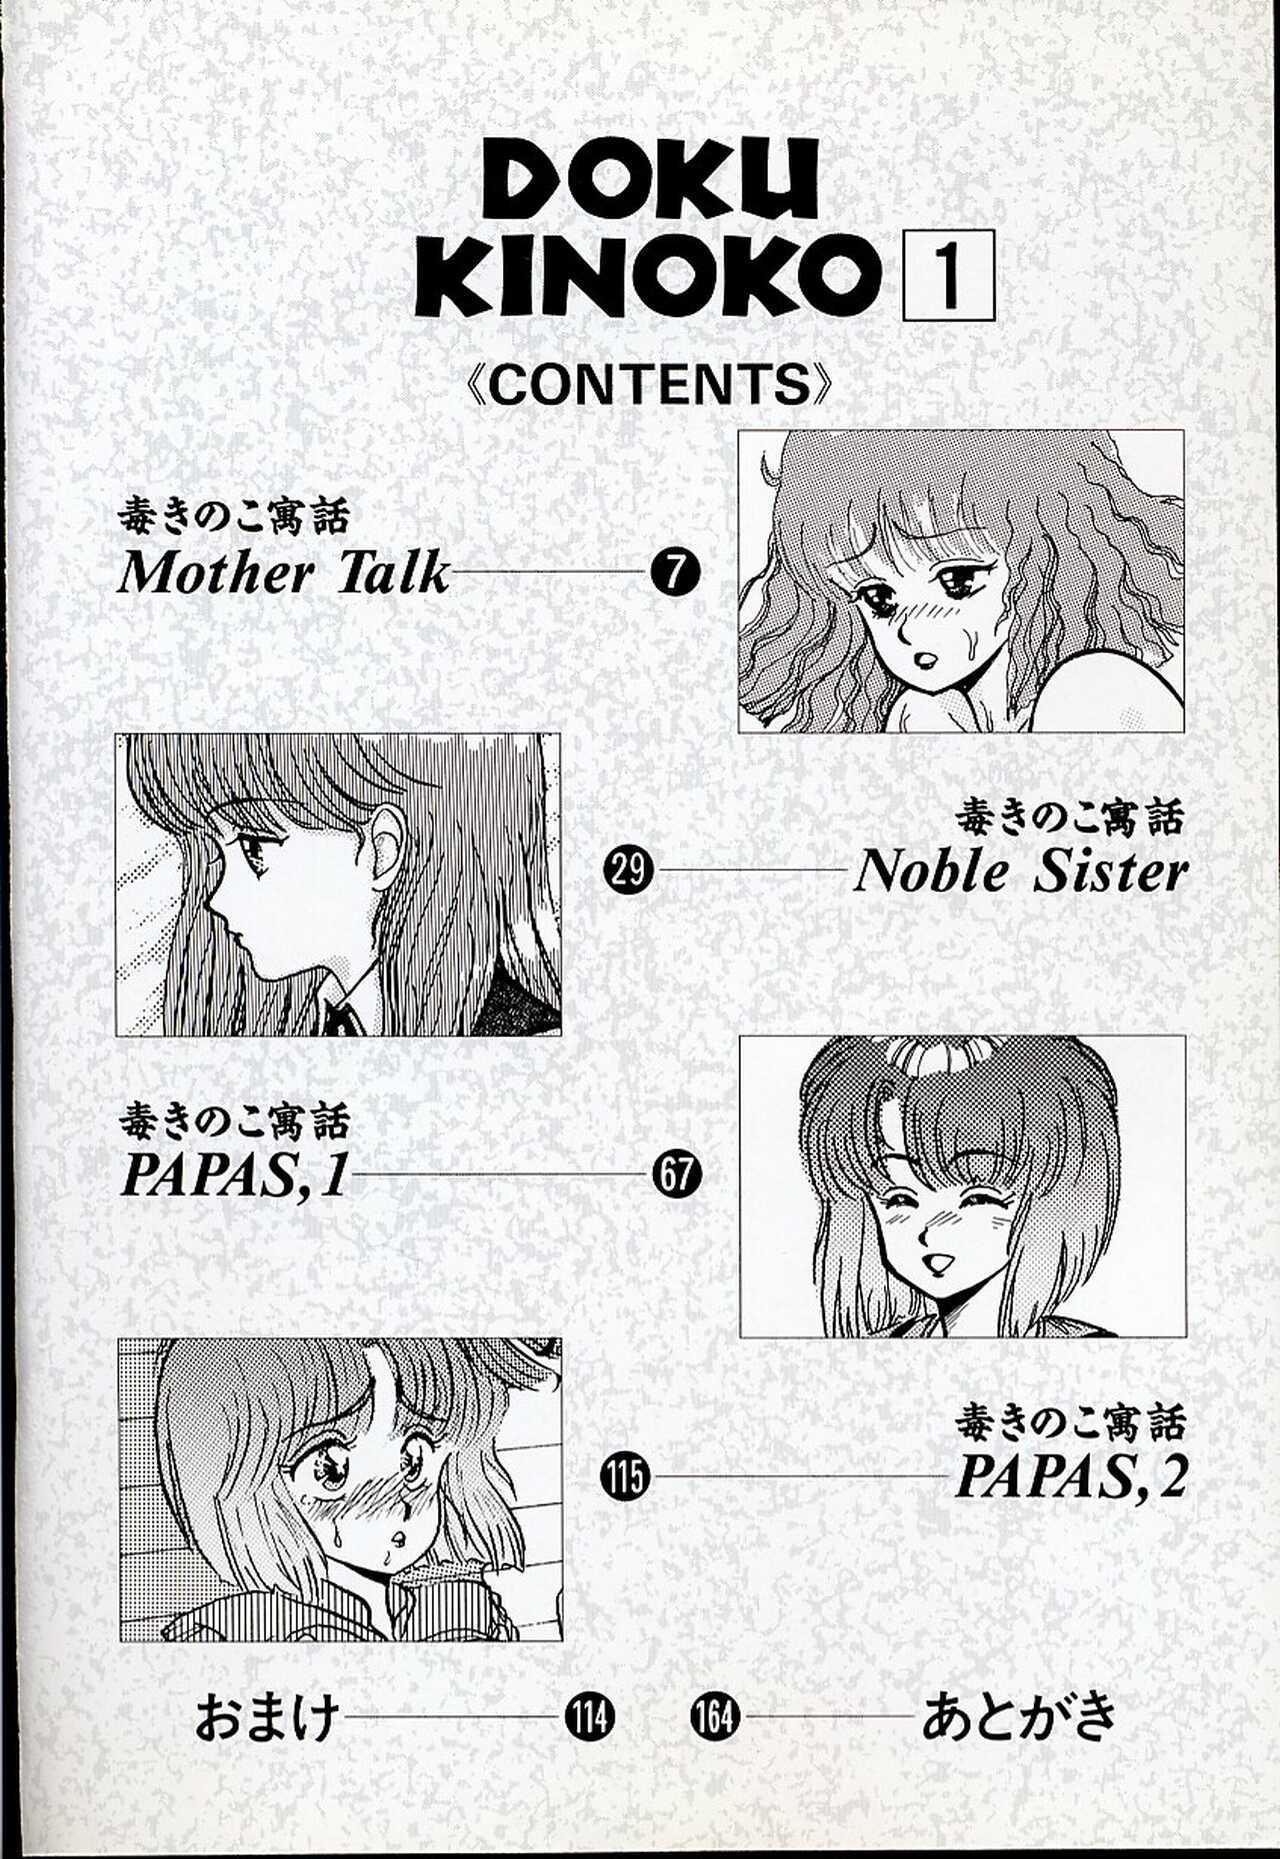 DOKU KINOKO 1 3